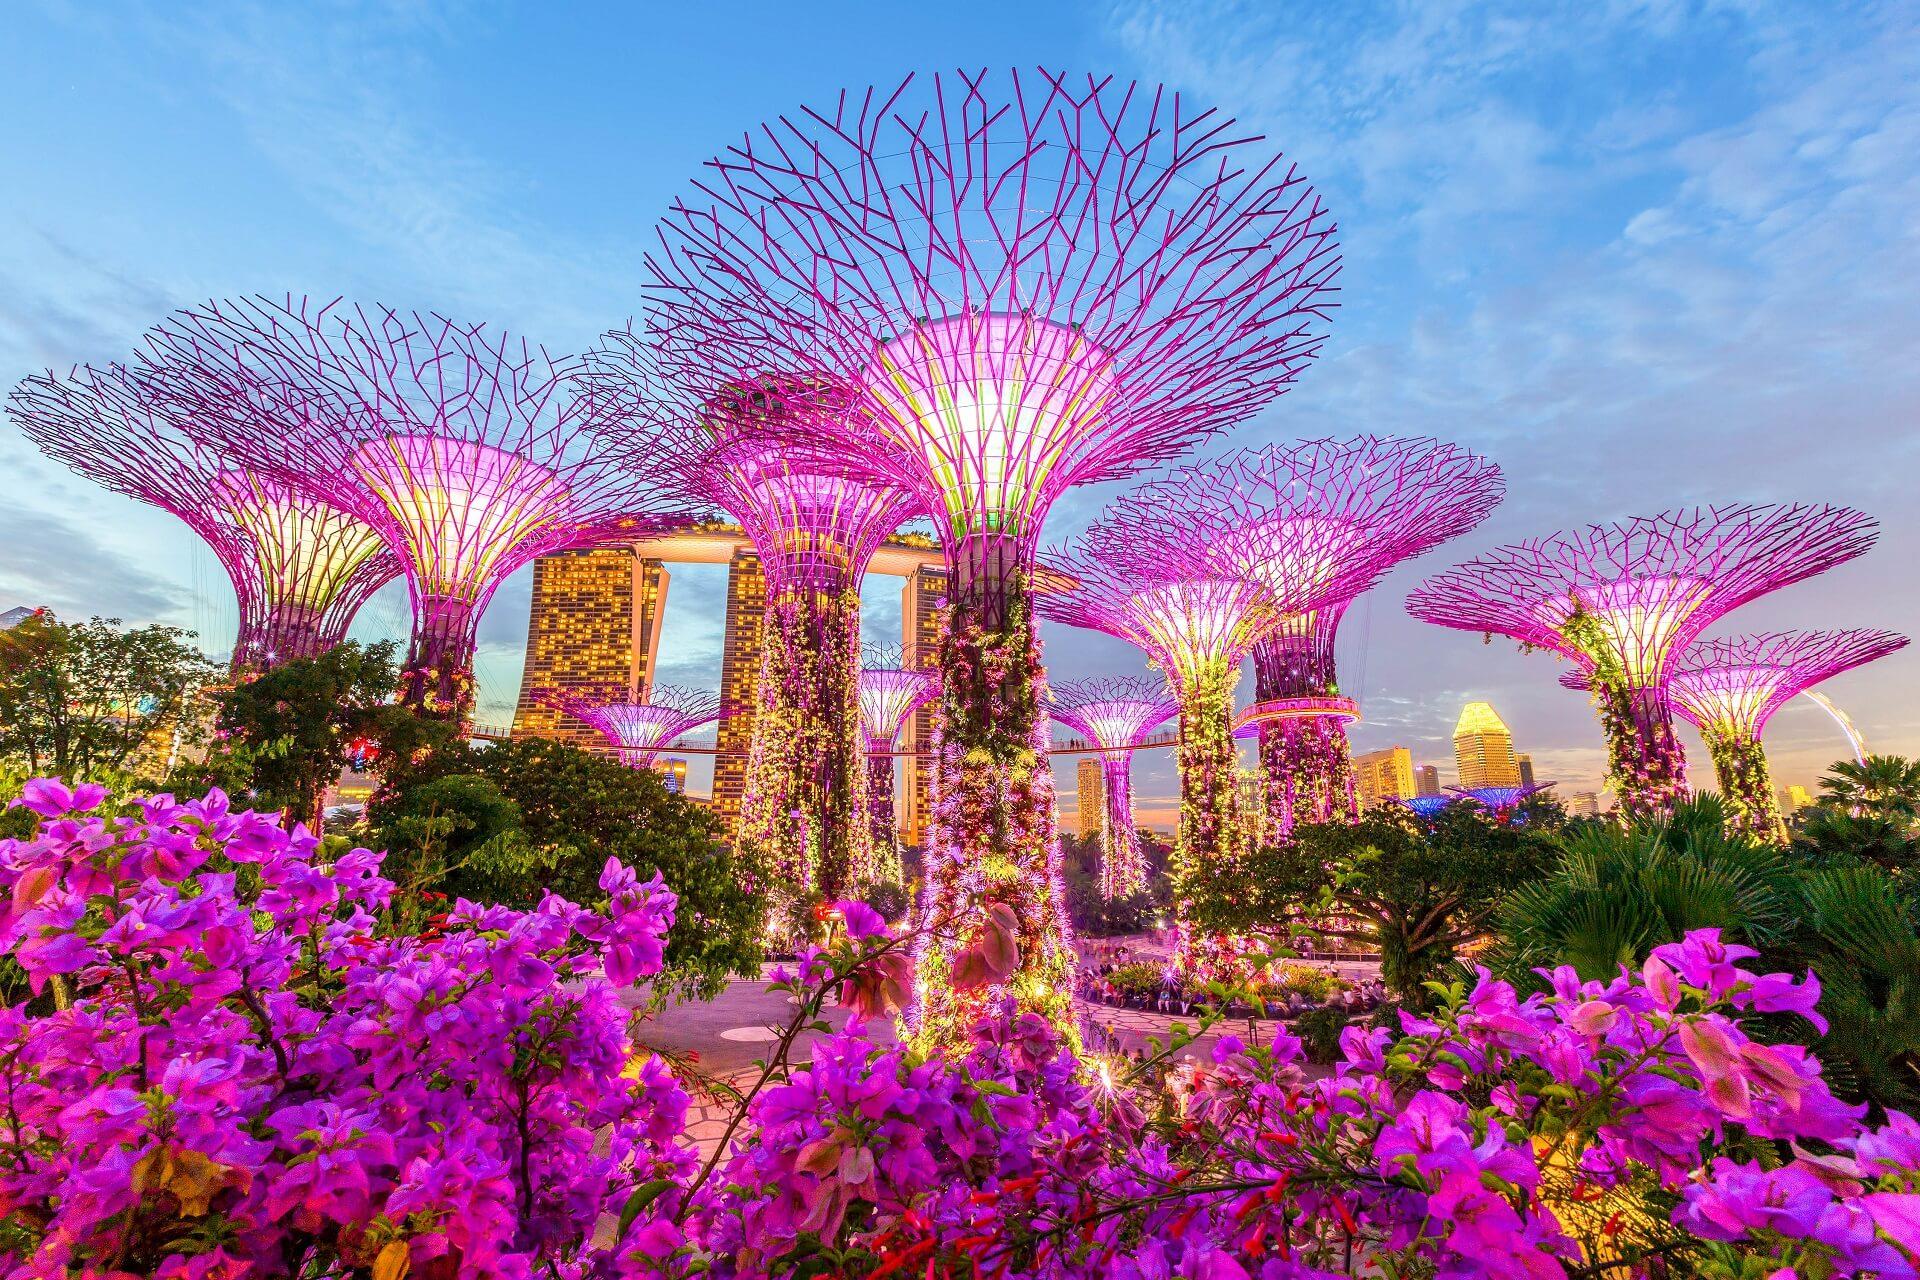 Die Gärten an der Marina Bay in Singapur sind spektakulär